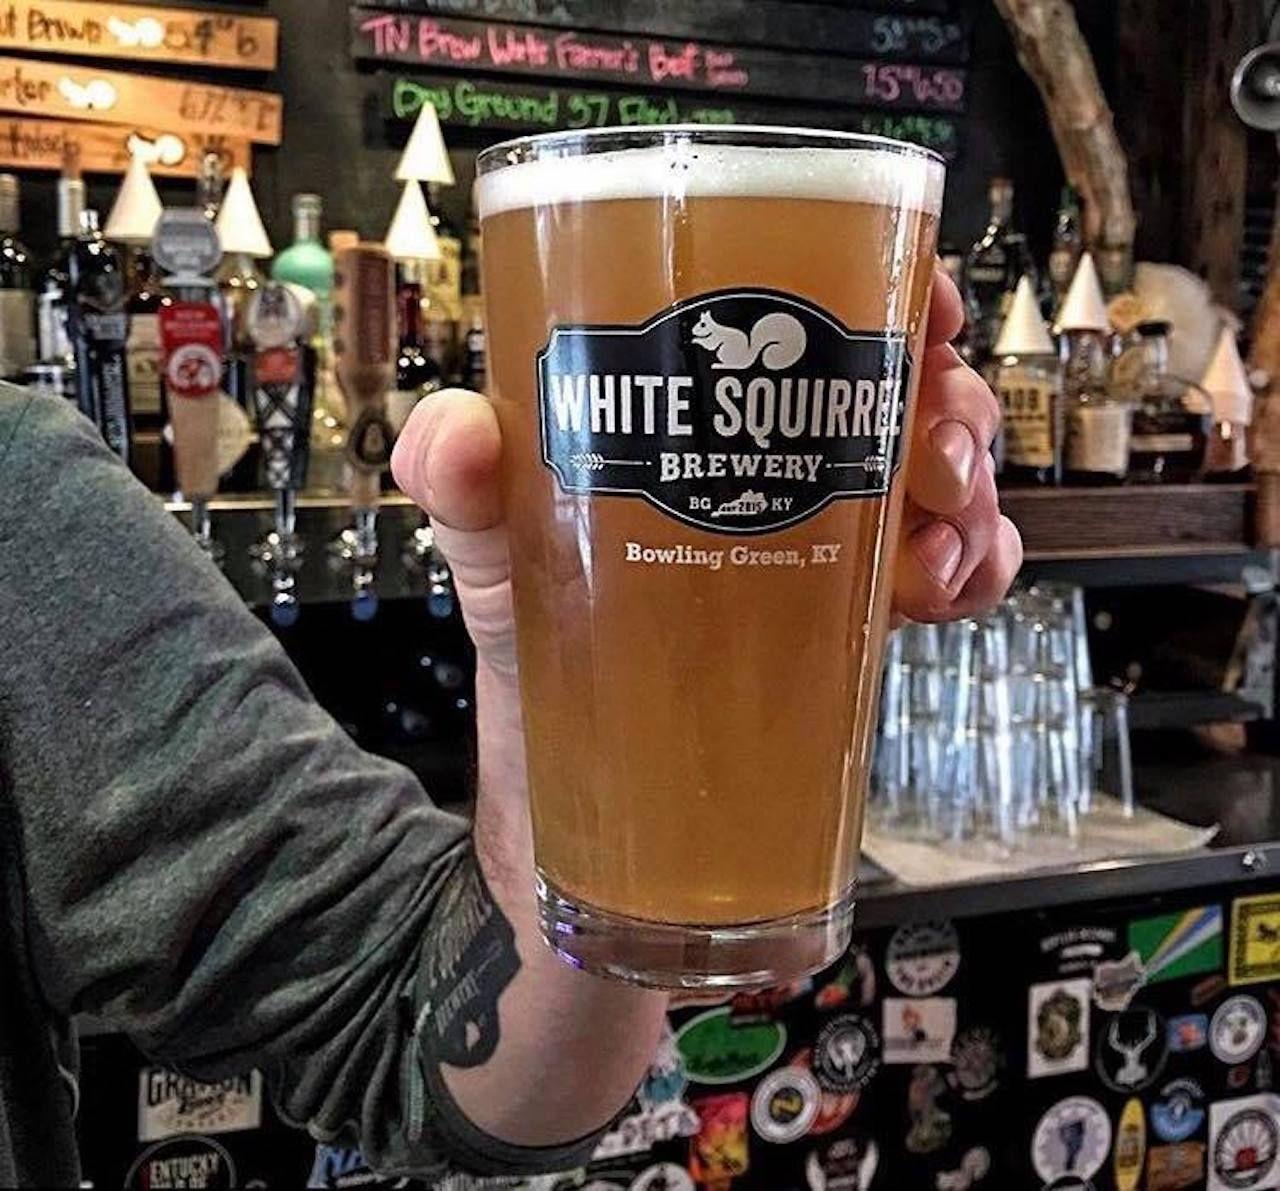 White Squirrel Brewery's Pumpkin Ale